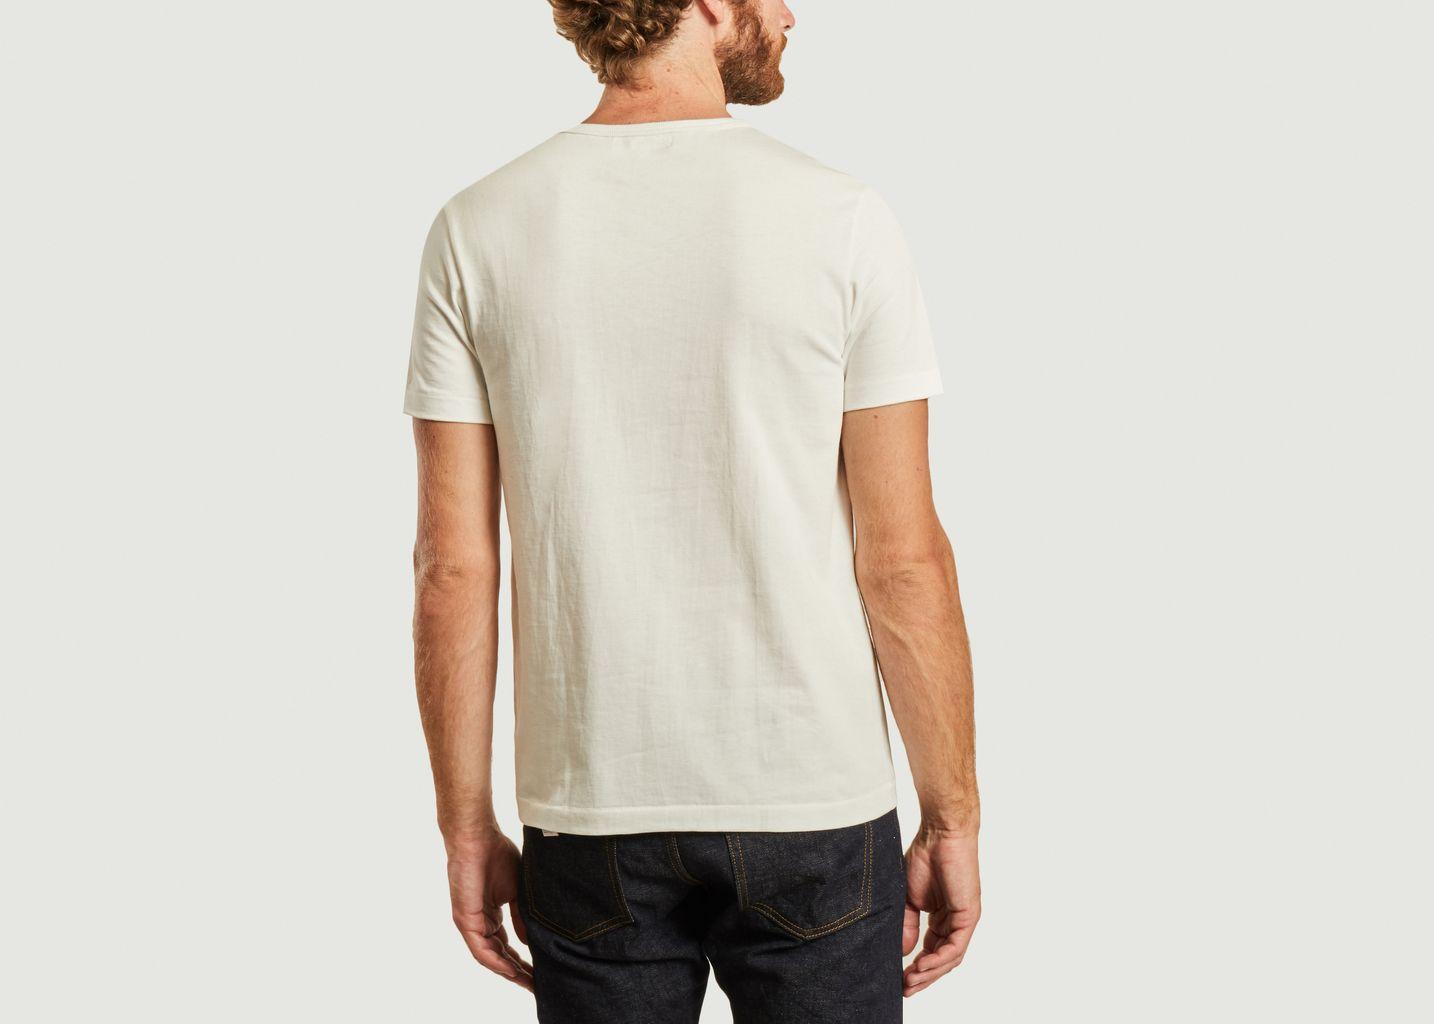 T-shirt original 1940s - Merz b Schwanen